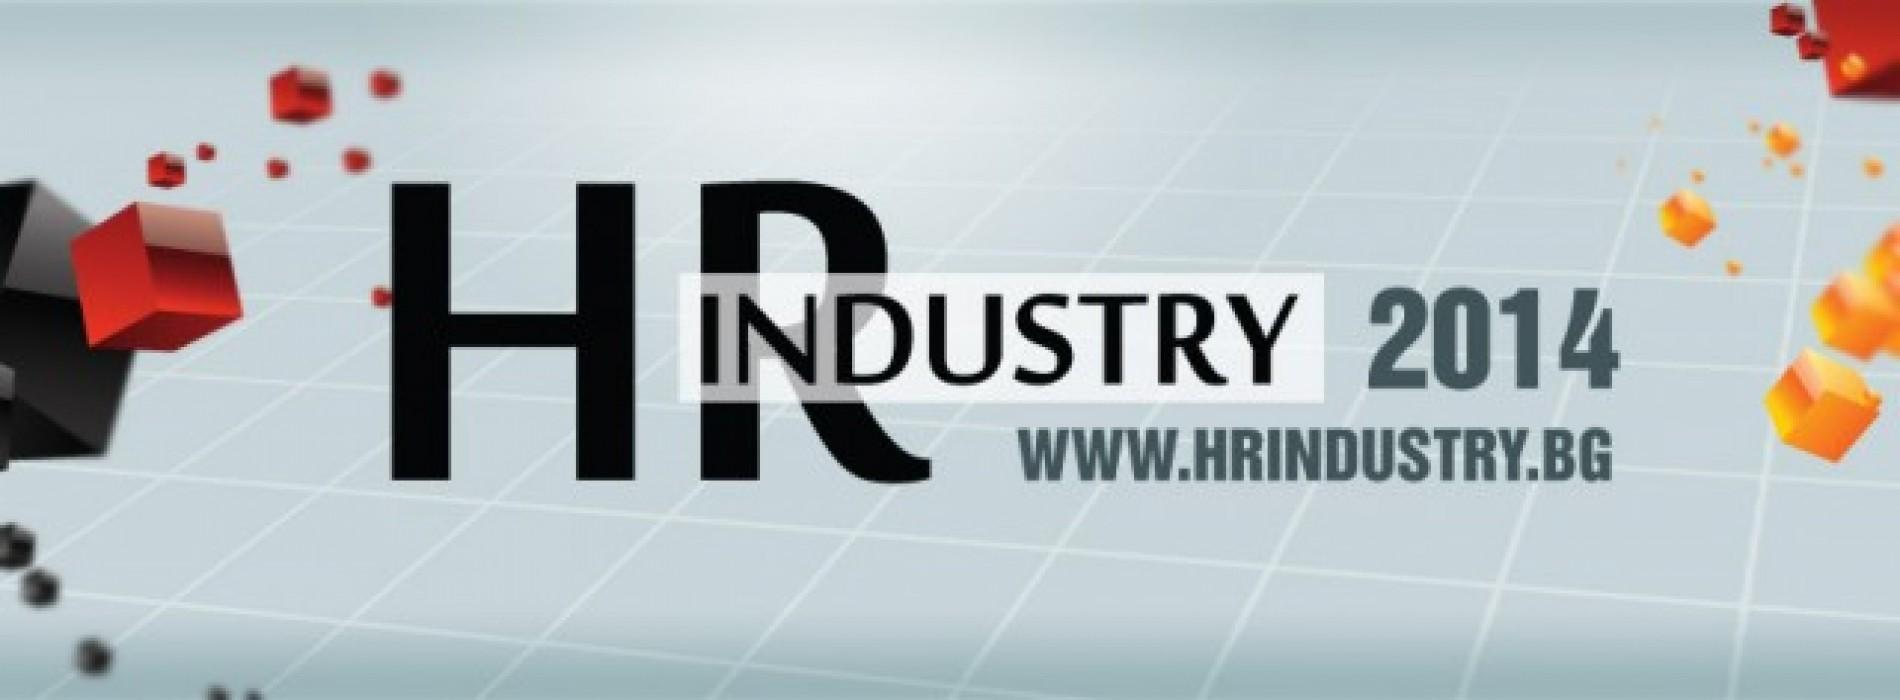 Започнаха записвания за HR Industry 2014